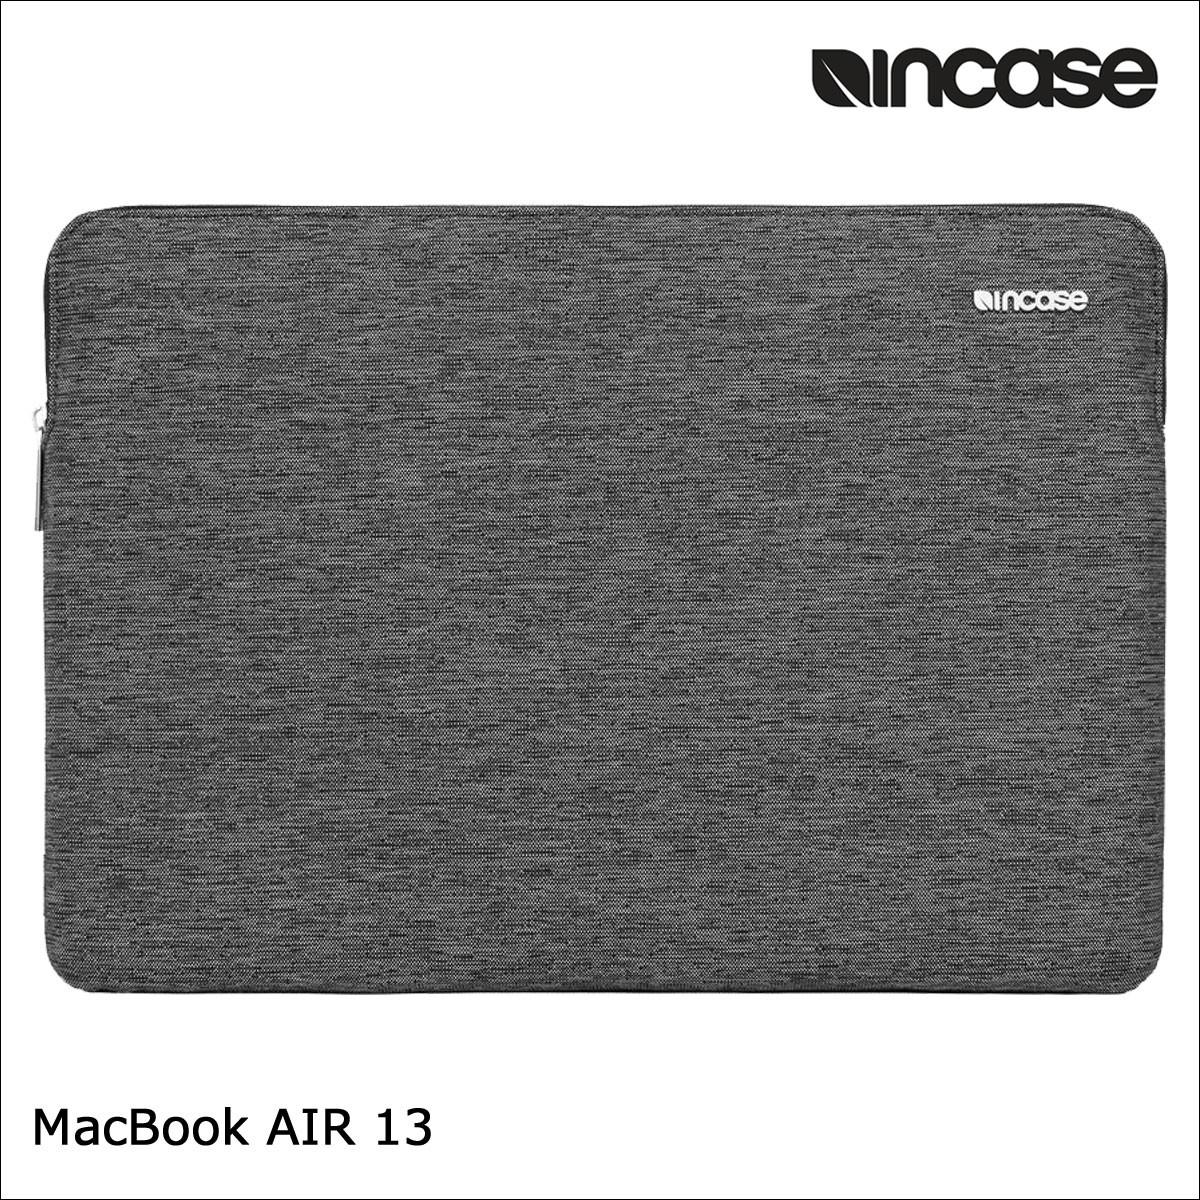 INCASE インケース バッグ パソコンバッグ PCケース 13インチ SLIM SLEEVE FOR MACBOOK AIR 13 CL60686 レディース メンズ ブラック [1/17 再入荷]